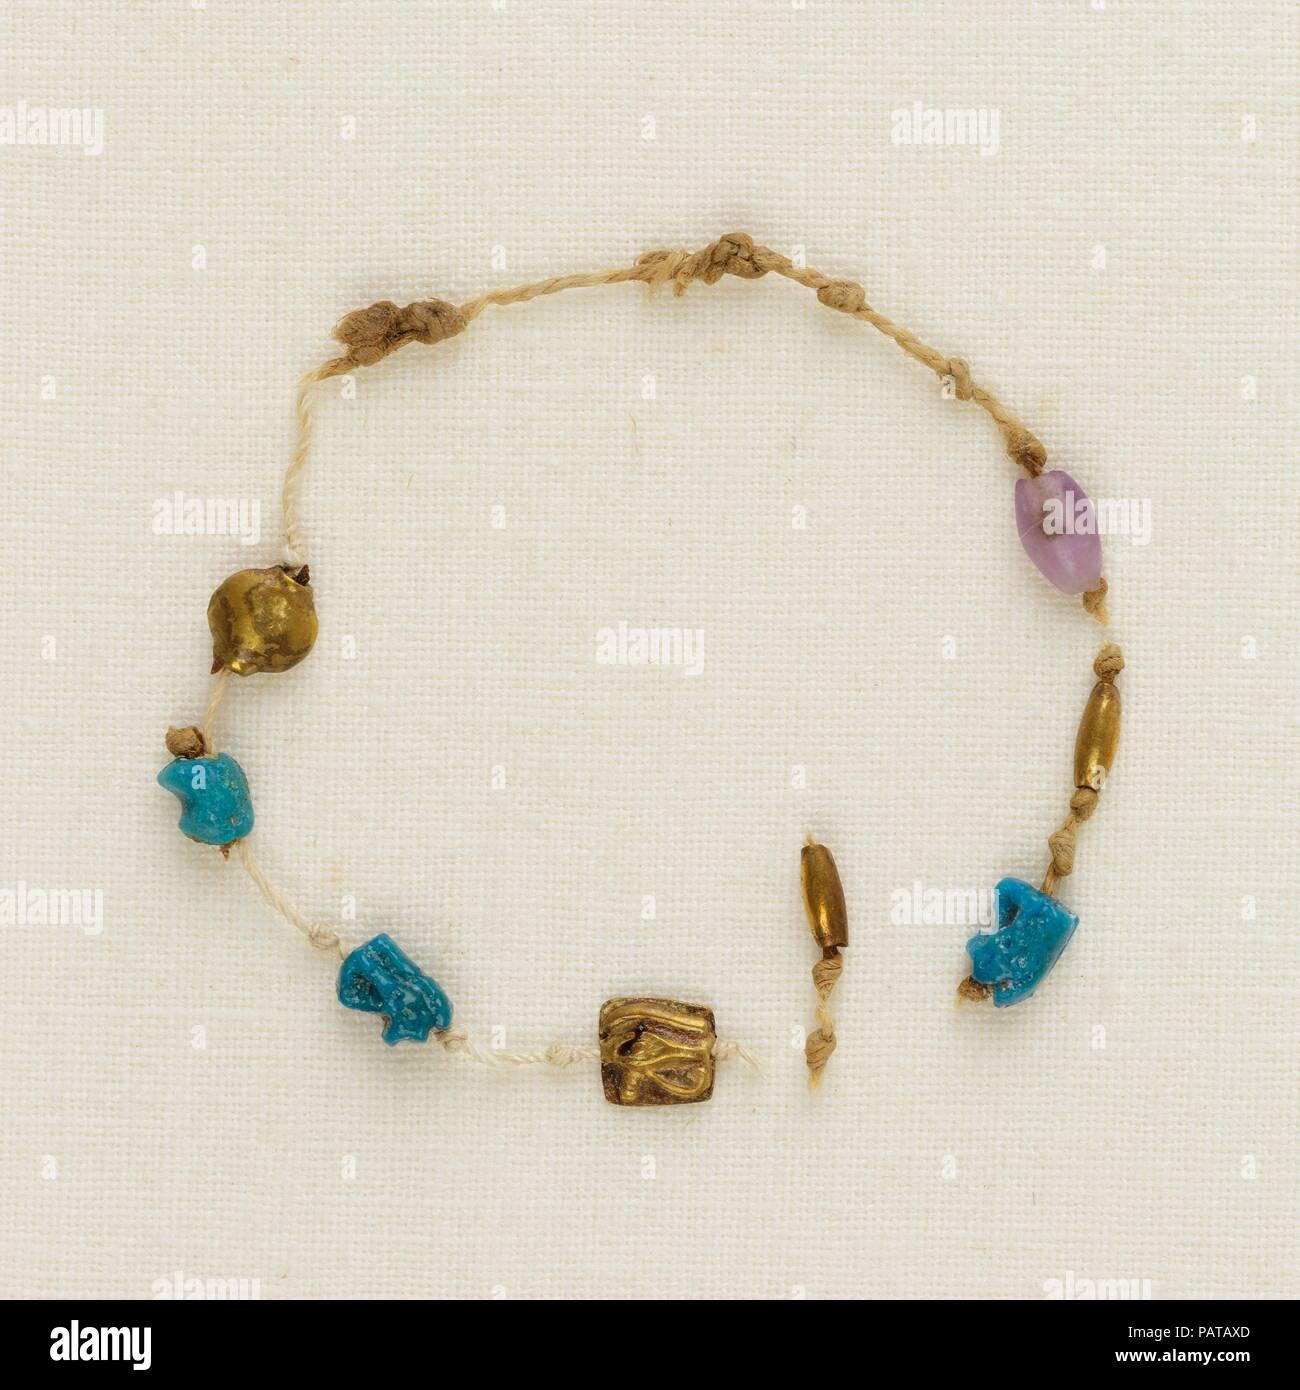 """Brazalete con 4 ojos wedjat, 2 cordones de barril y 1 cordón de acacia. Dimensiones: Diam. ca. 3,8 cm (1 1/2""""). Dinastía: Dinastía tardía 21. Fecha: ca. 1000-945 A.C. Uno de los cinco brazaletes encontrado alrededor de la muñeca derecha de la momia Henettawy, este es un solo hilo de cordoncillo. Encuerda a intervalos a lo largo del Strand fueron cuatro ojos wedjat amuletos, tres de loza y uno de oro; una de oro y una amatista; y un cordón de barril de oro Cordón de acacia. El cable estaba roto, por lo que el orden original de los abalorios y amuletos es incierto. Los ojos wedjat representan el sanado el ojo del dios halcón Horus, un potente sym Foto de stock"""